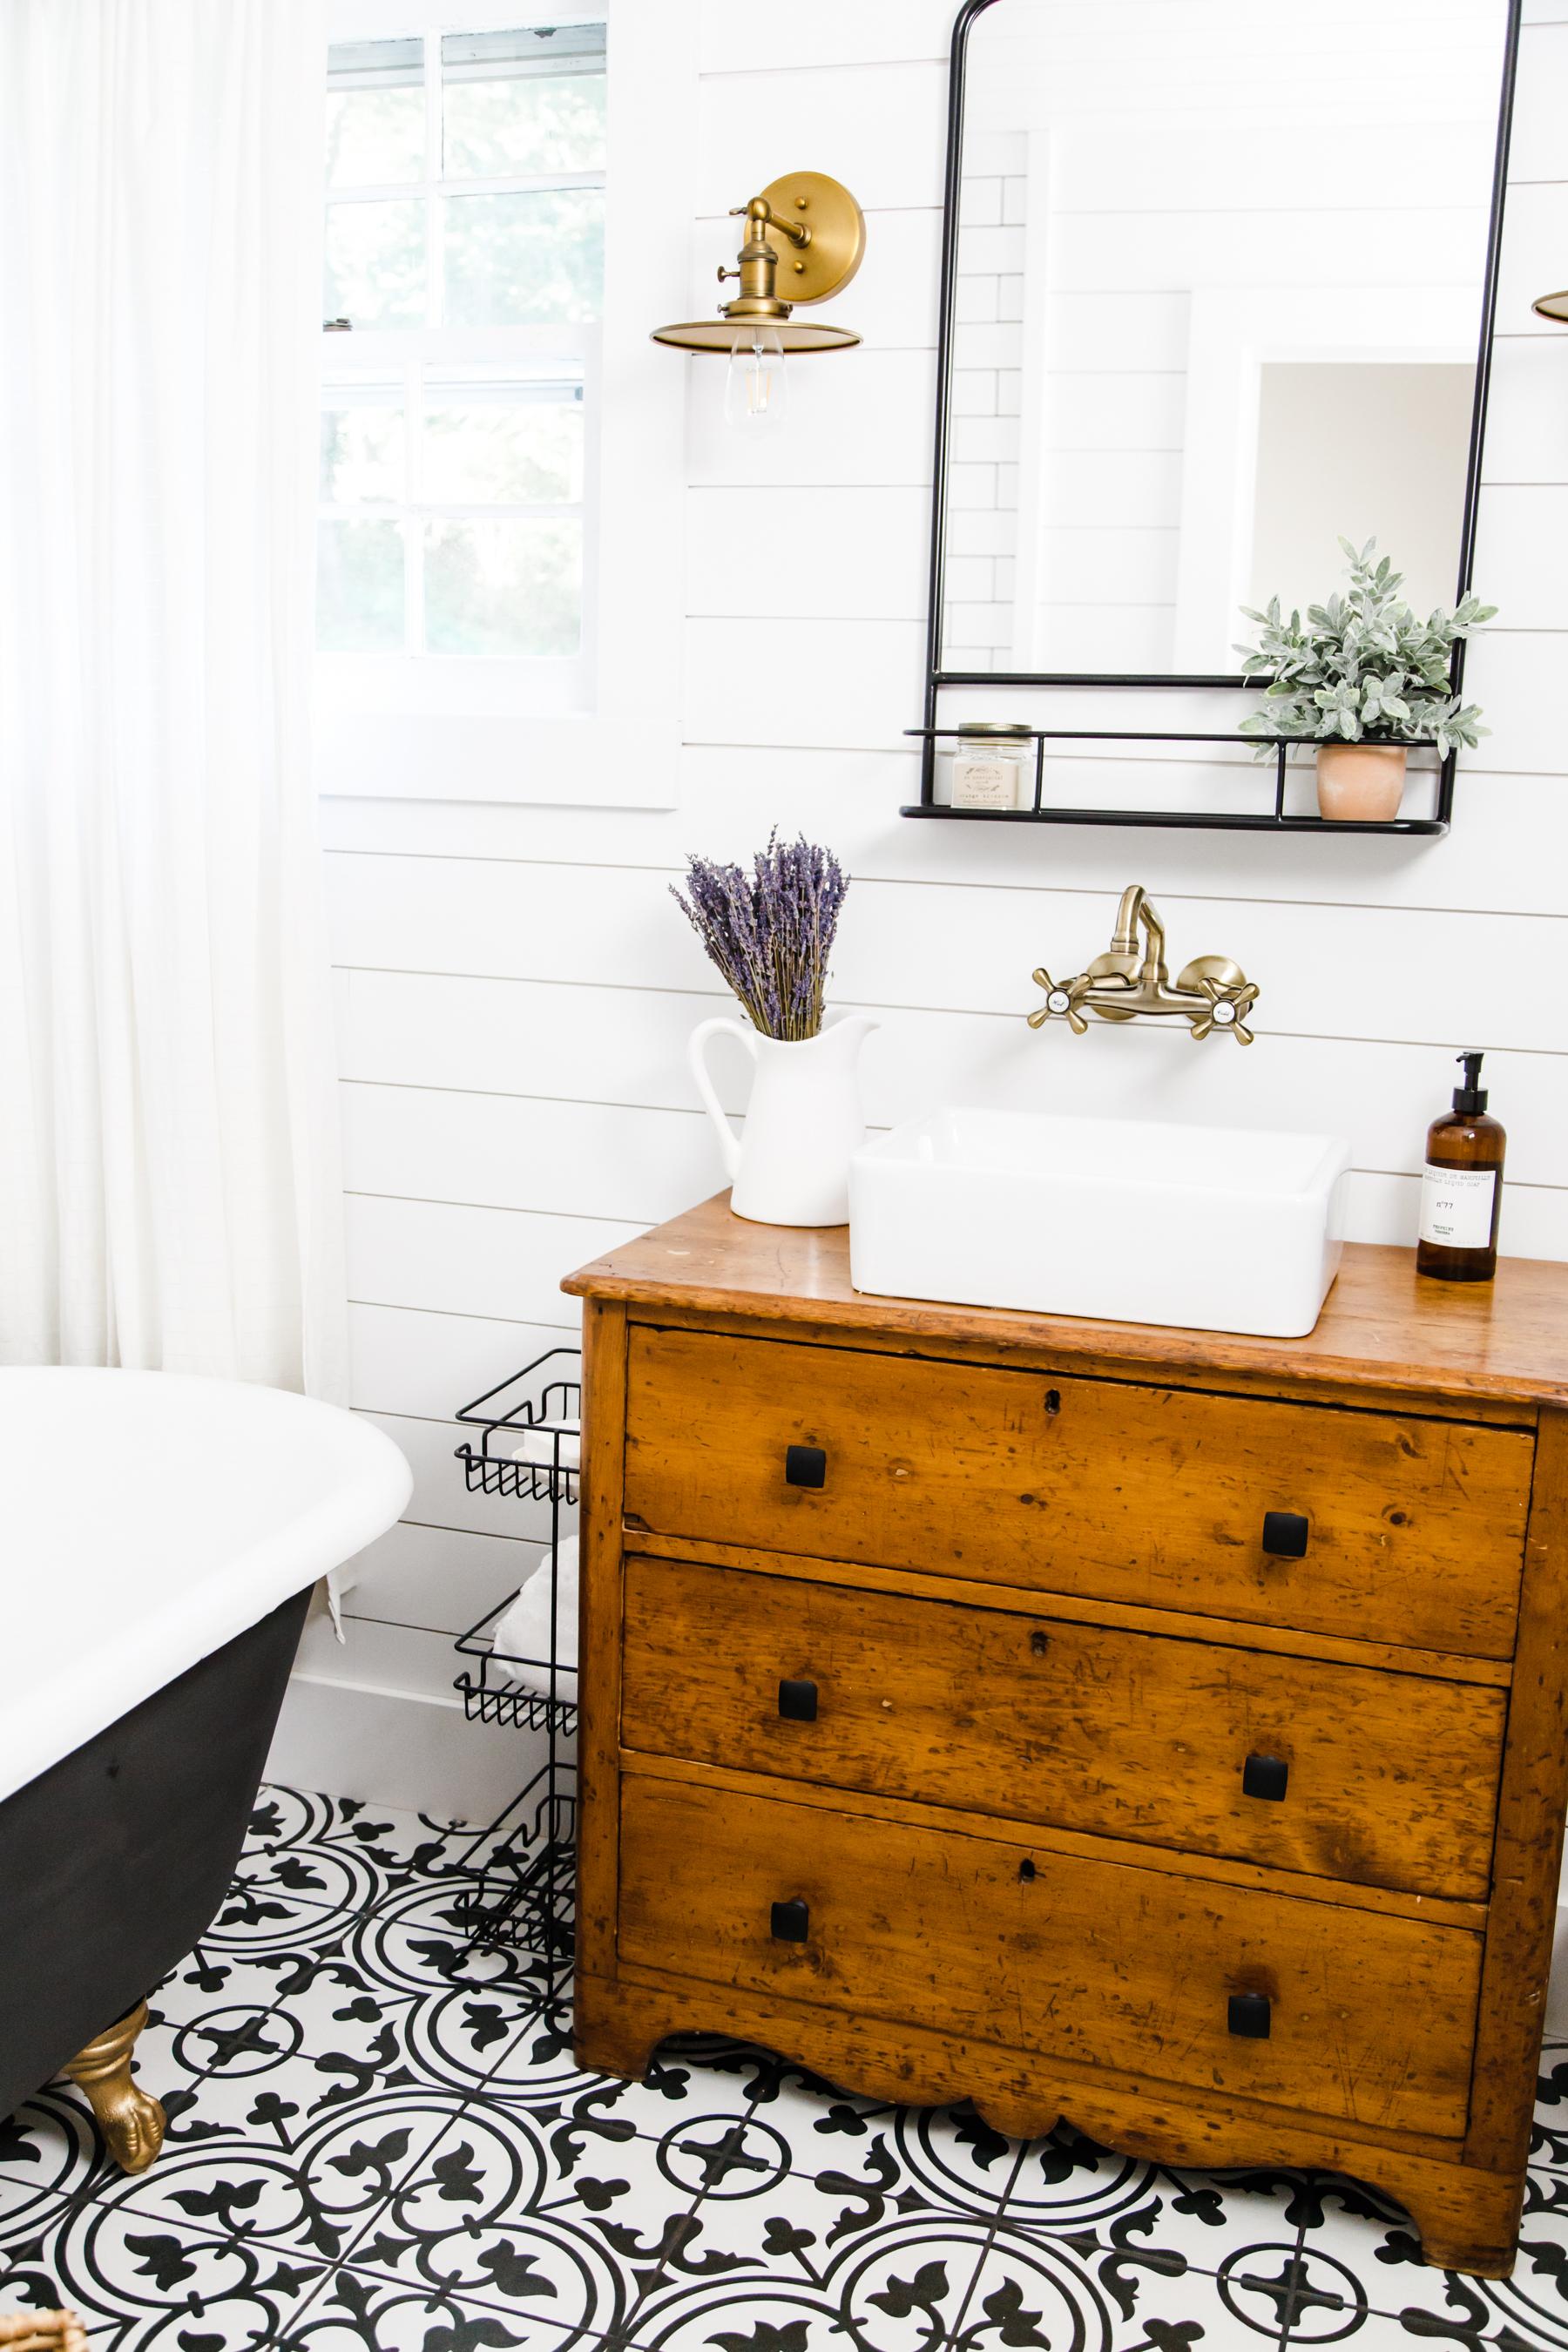 Our Modern Farmhouse Bathroom Remodel Dress Cori Lynn